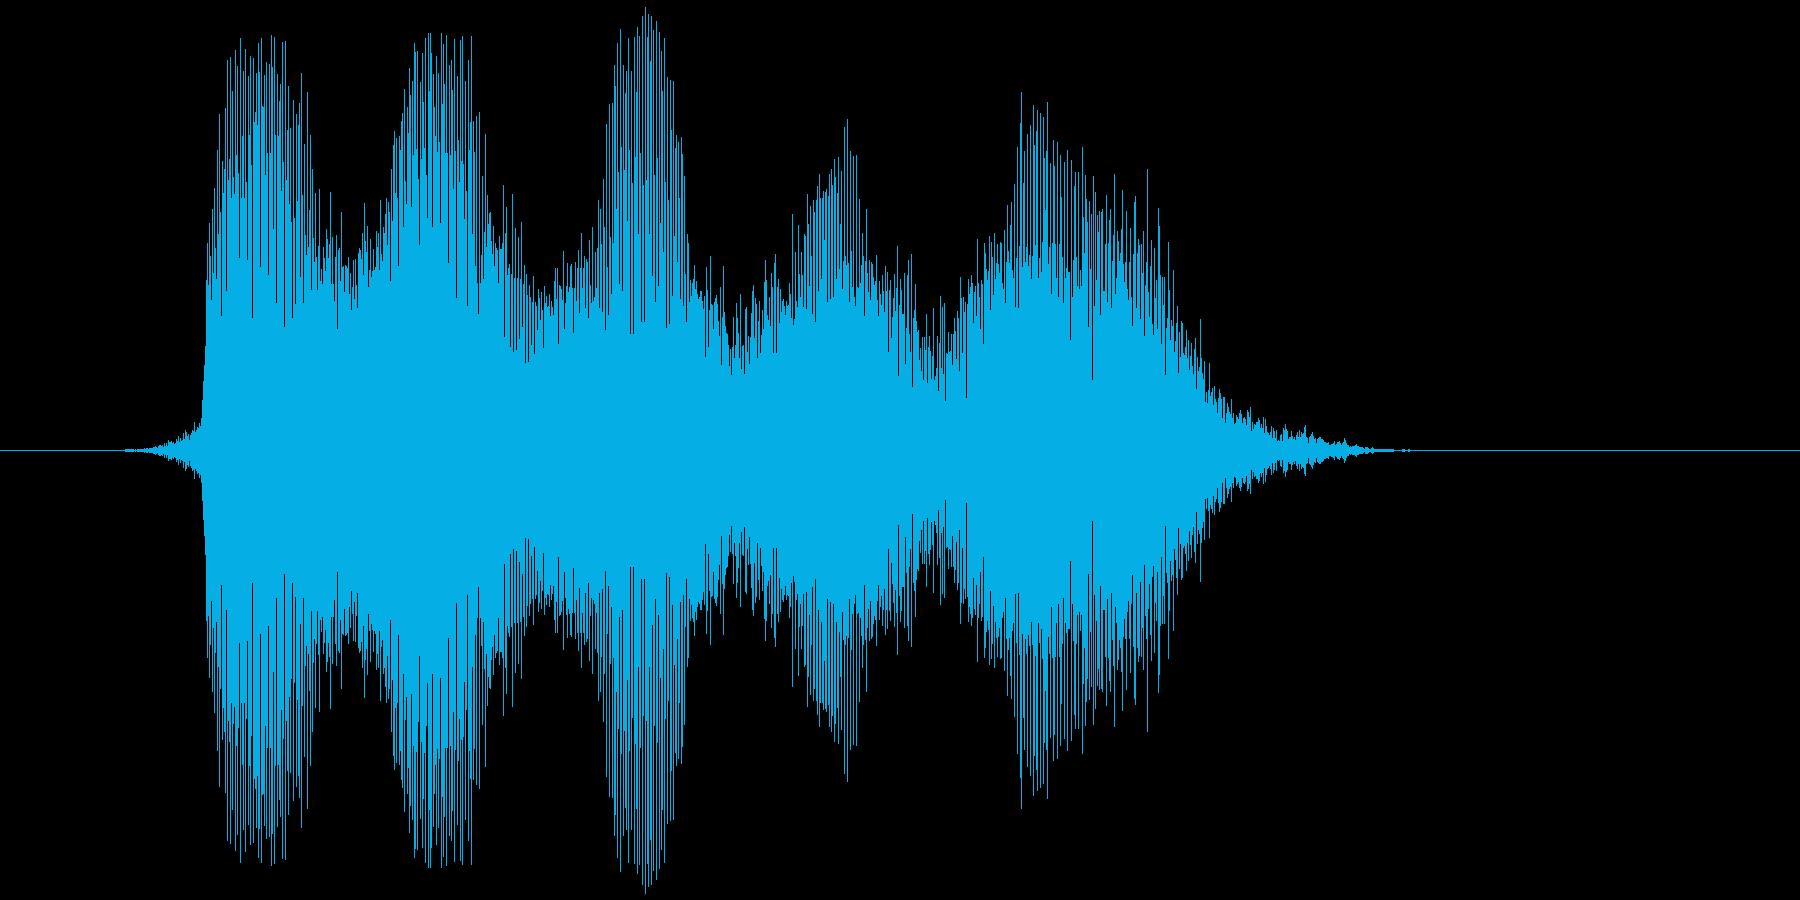 「へへへへへ」の再生済みの波形